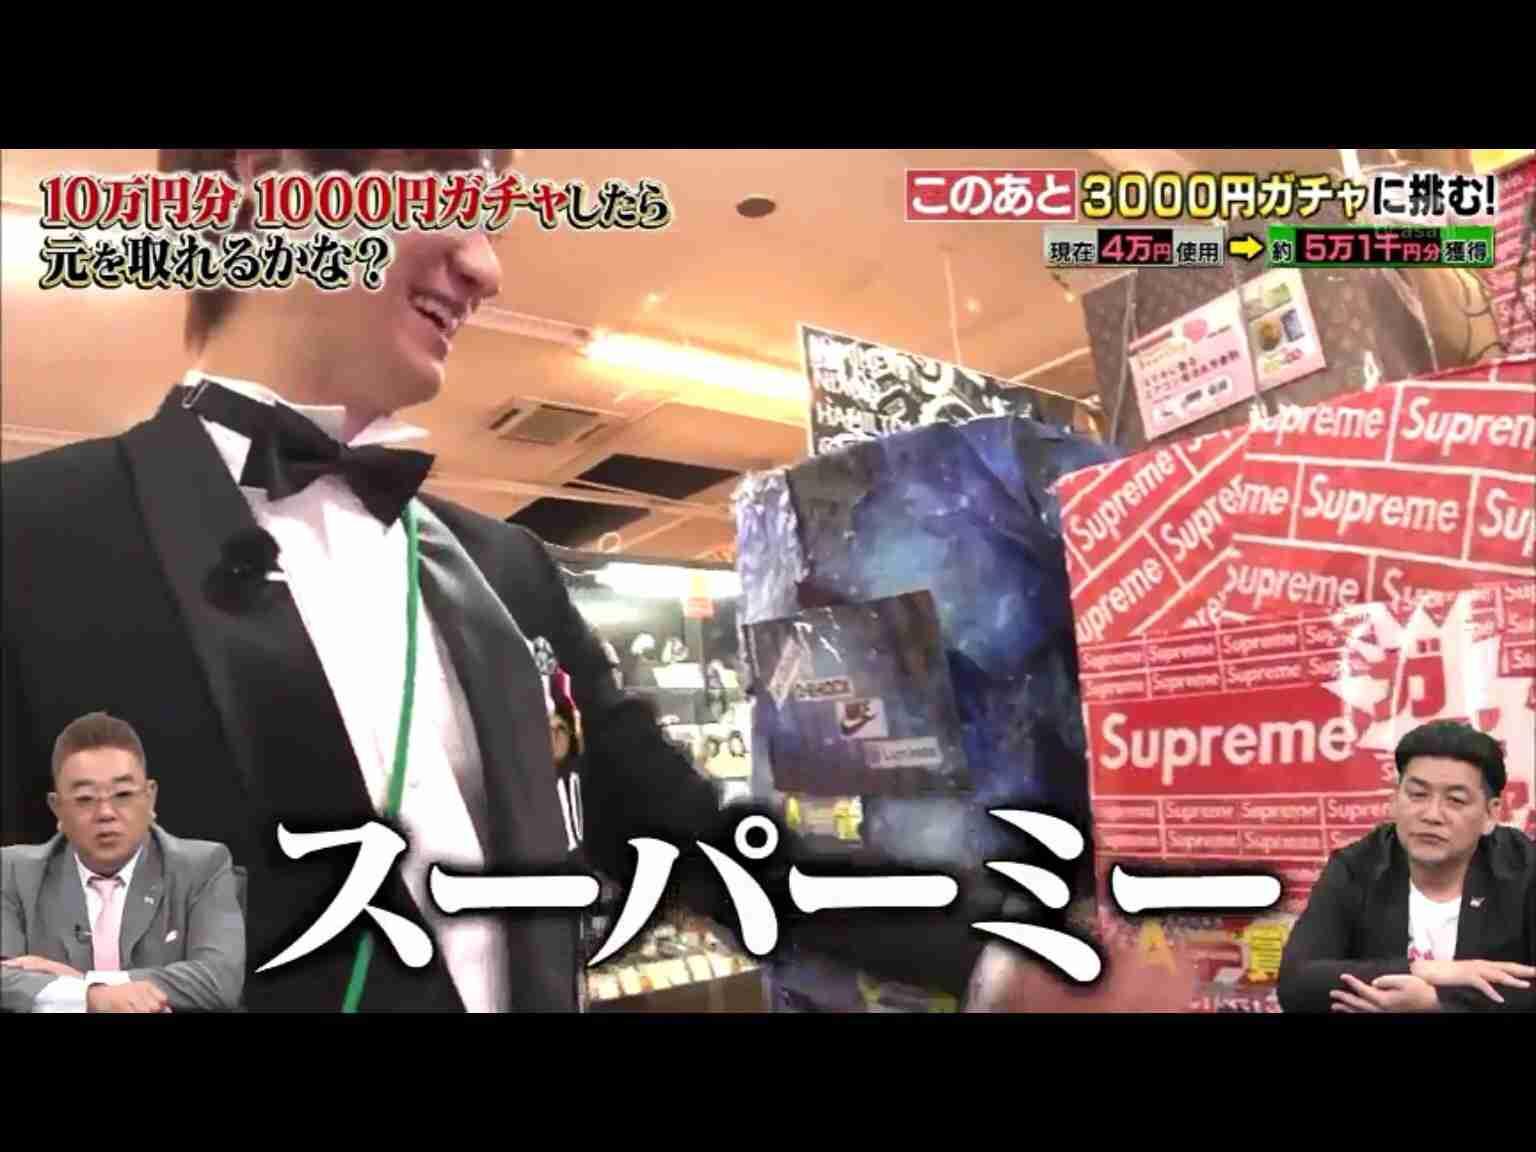 【オシャレ】supremeが好きな人